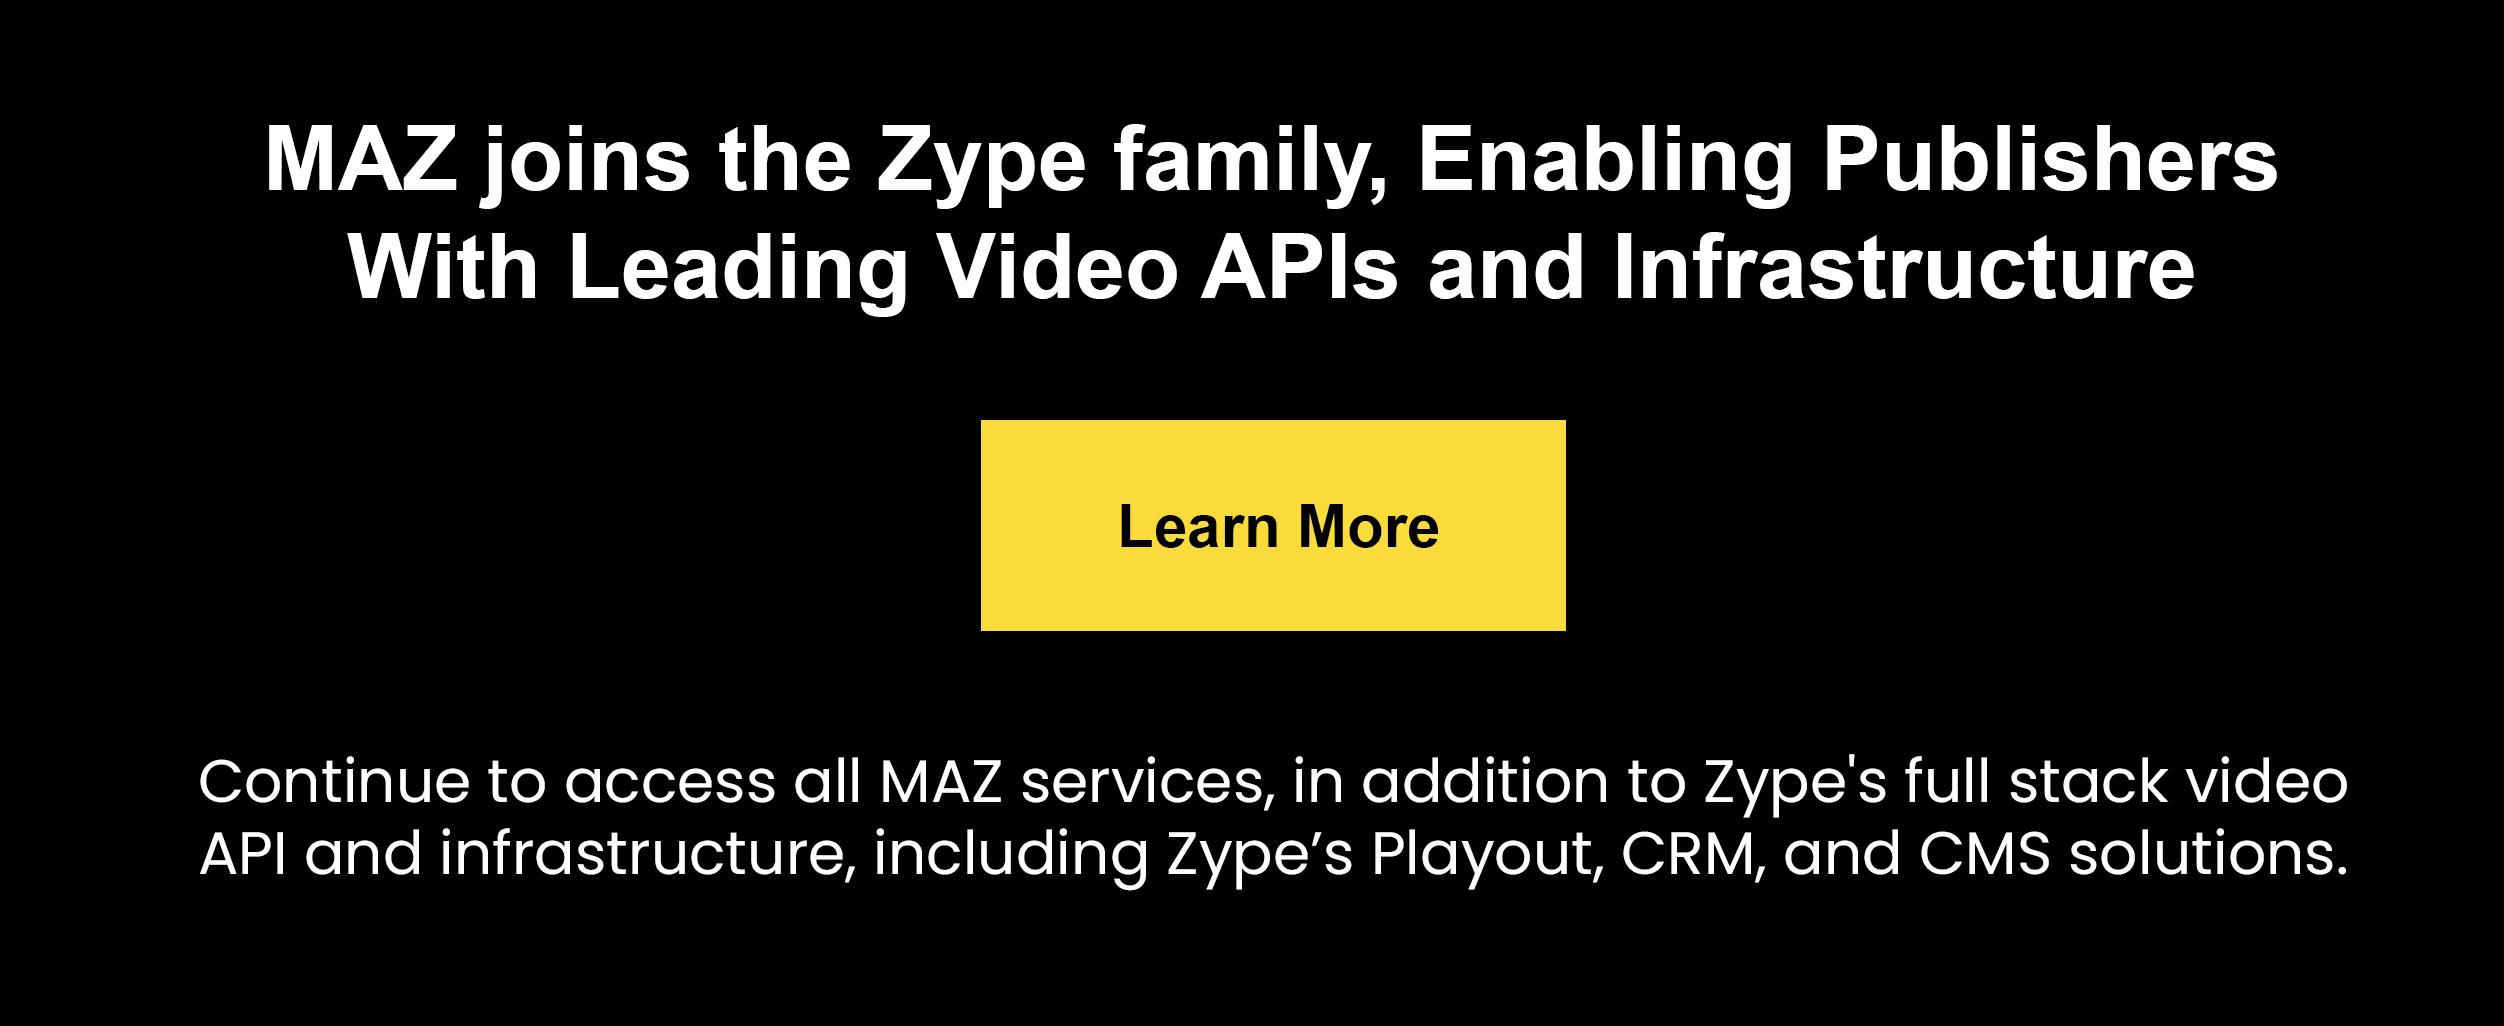 mazype-acq-banner-mobile-1